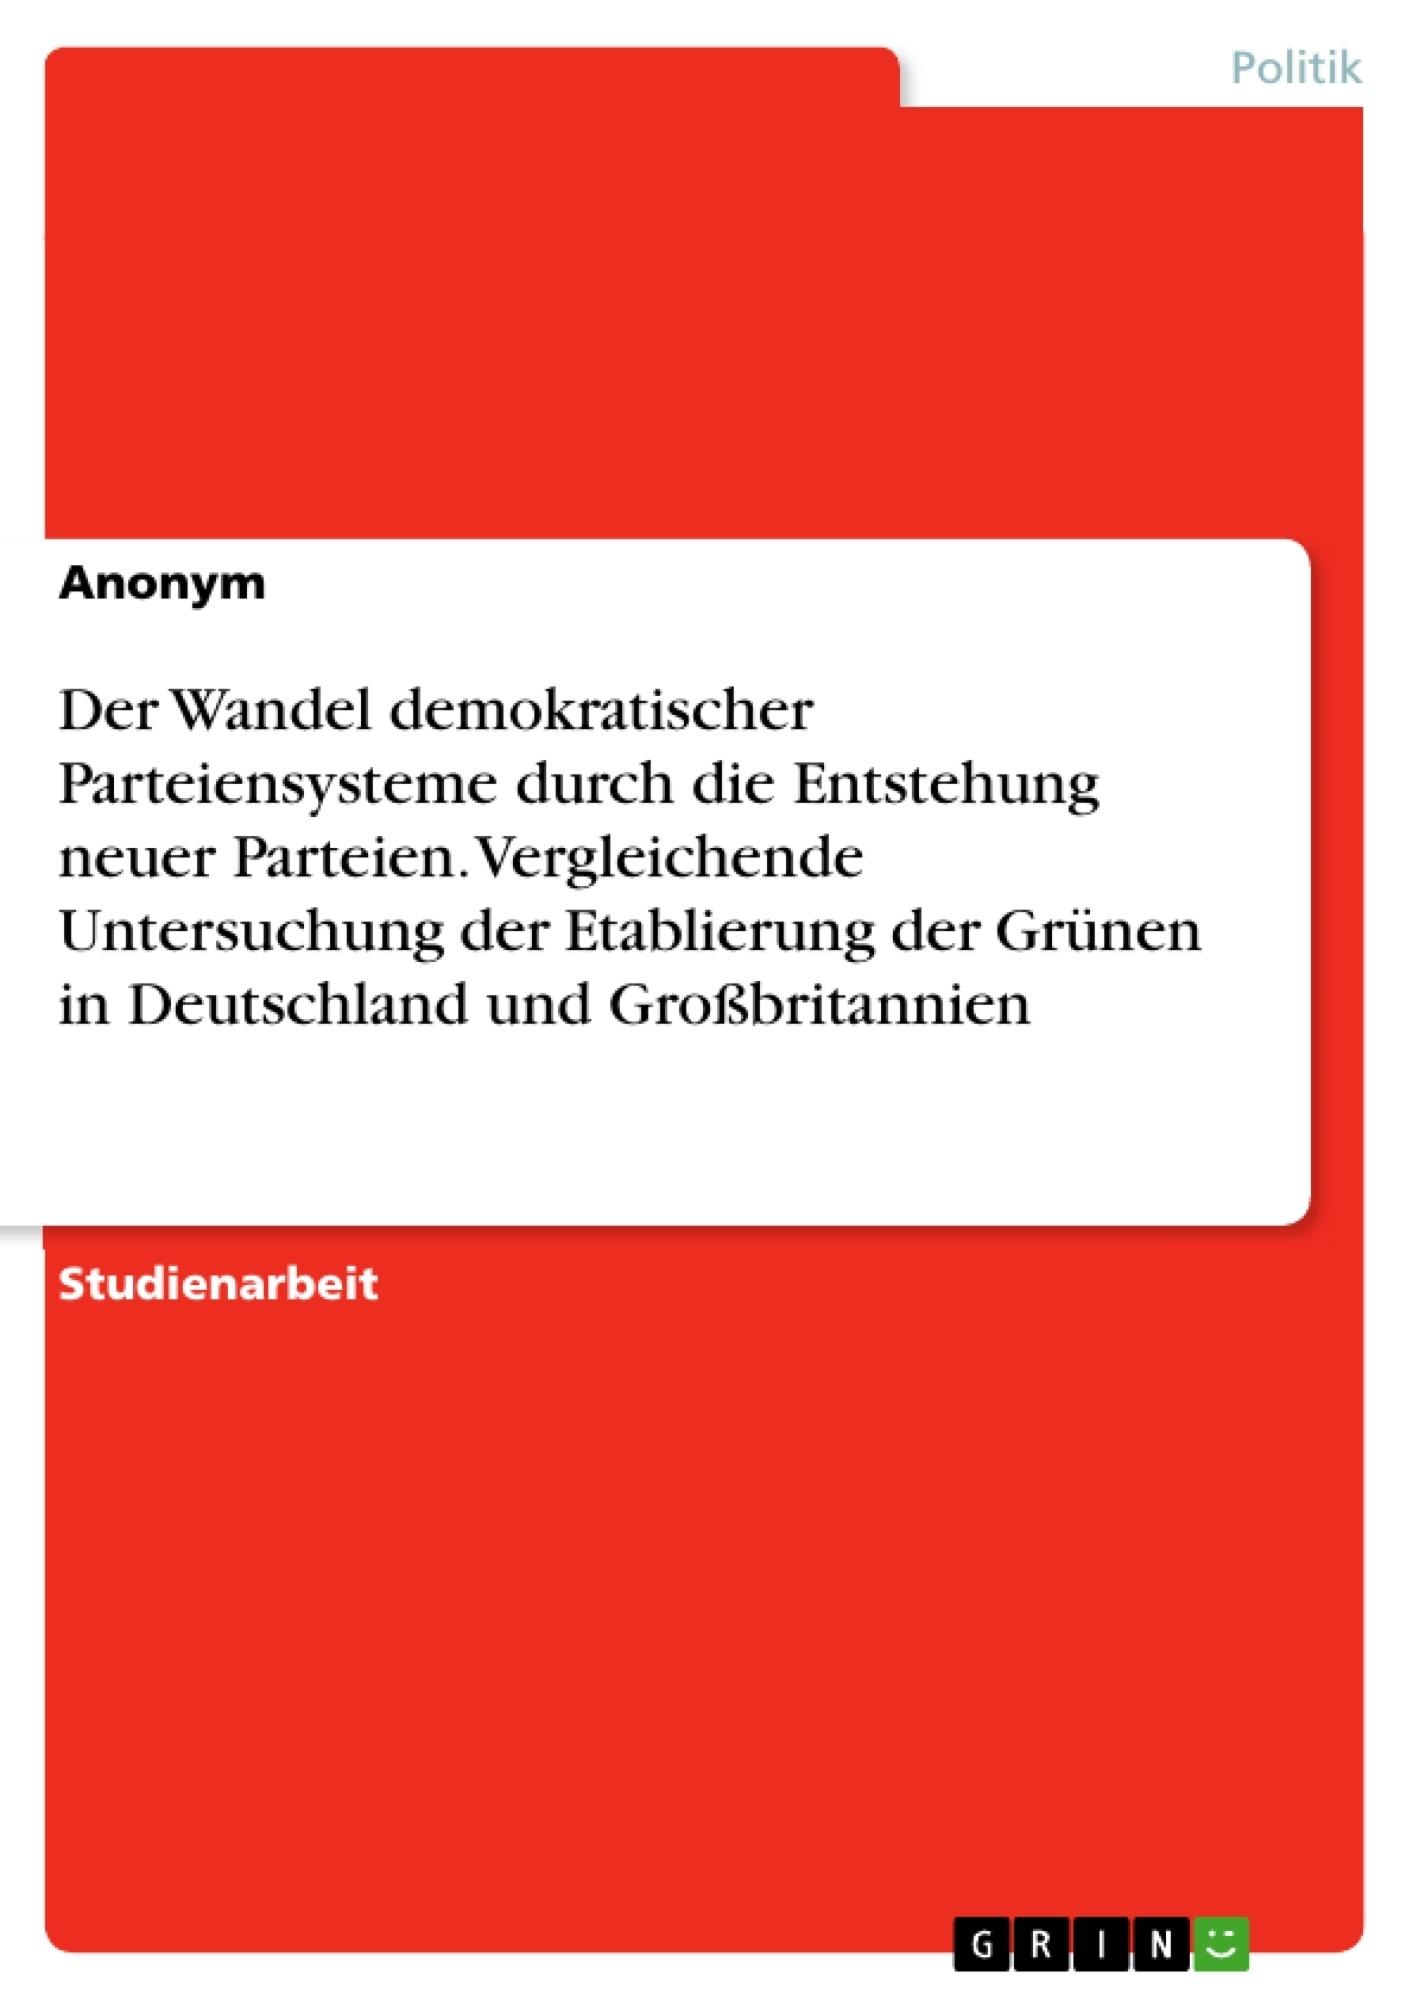 Titel: Der Wandel demokratischer Parteiensysteme durch die Entstehung neuer Parteien. Vergleichende Untersuchung der Etablierung der Grünen in Deutschland und Großbritannien